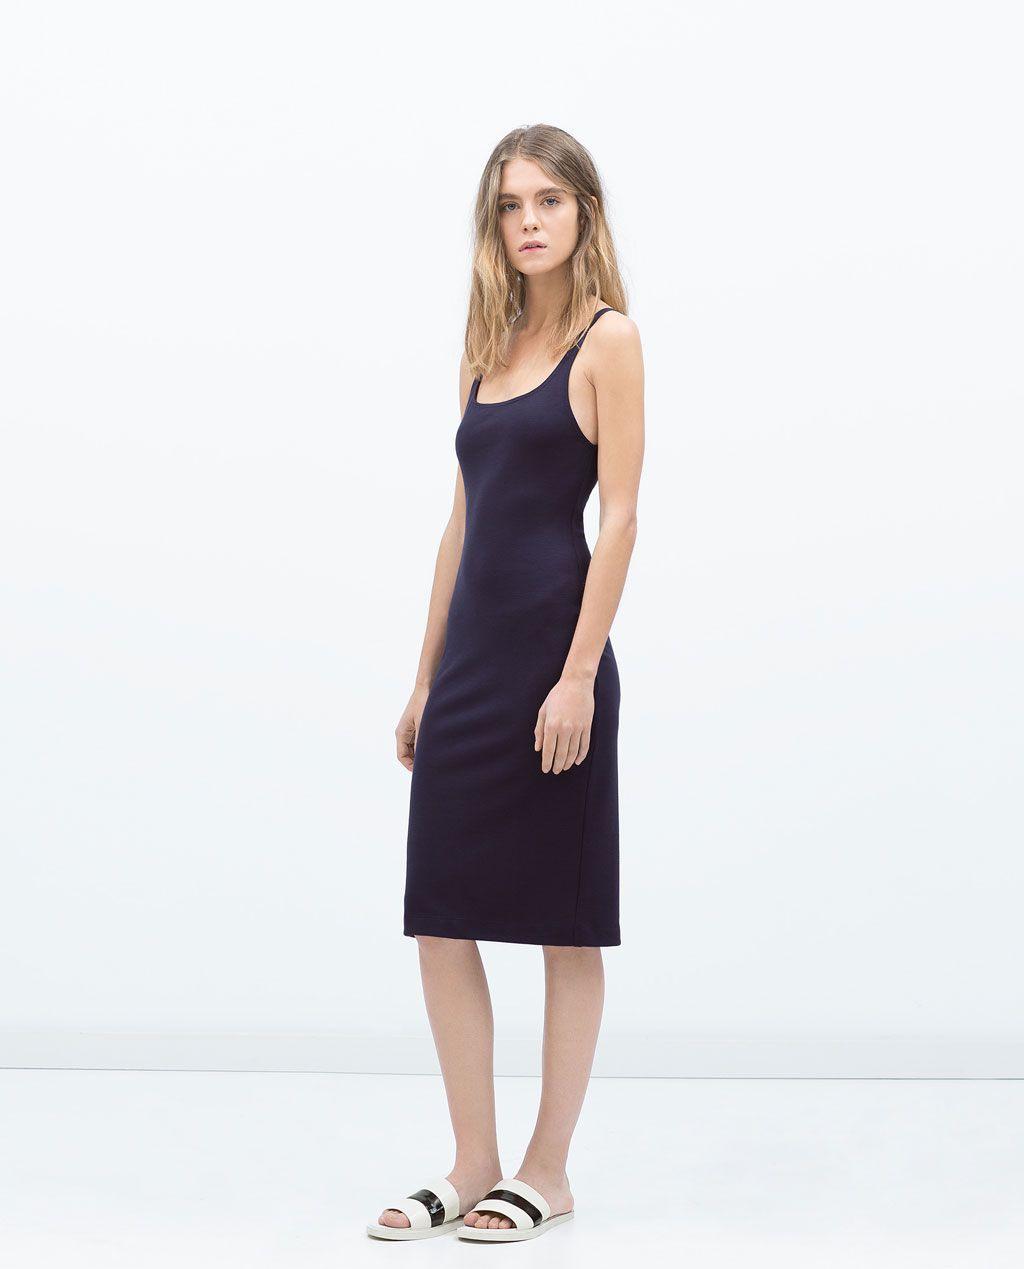 Imagem 1 De Vestido Básico Esticado Da Zara  Kleider